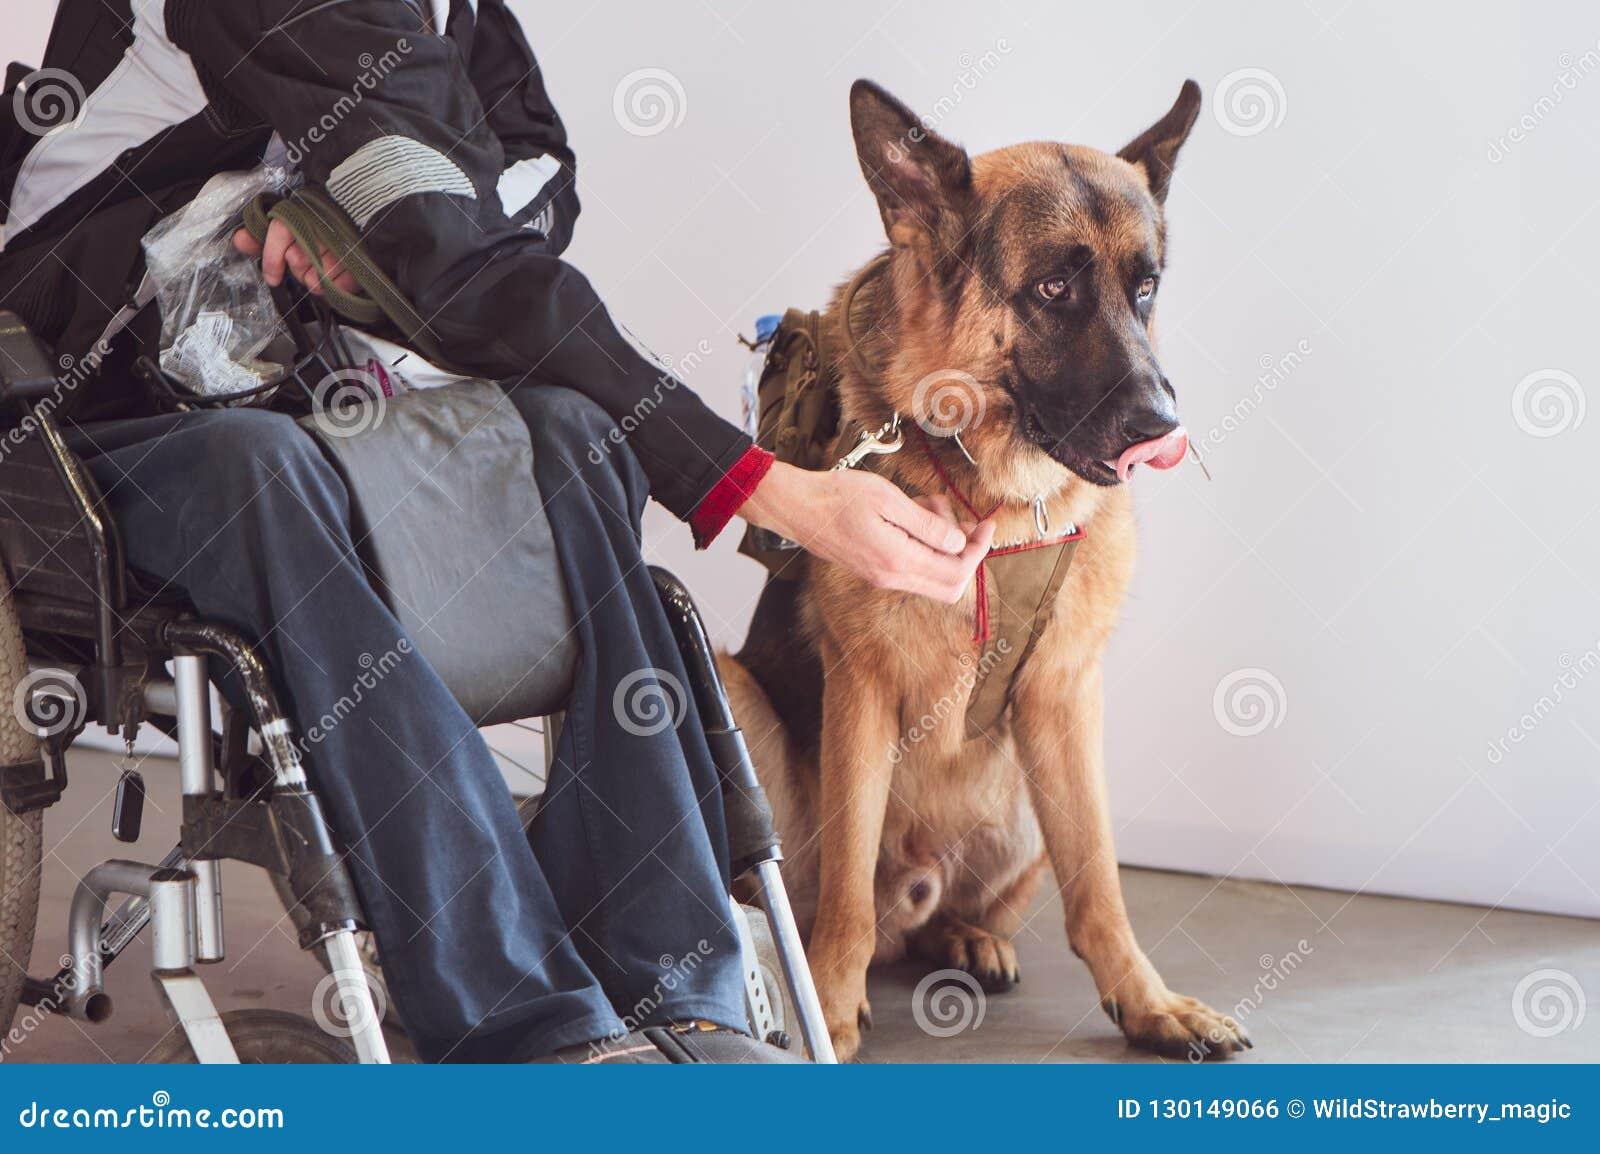 Shepherd, preste serviços de manutenção ao cão com o proprietário o inválido